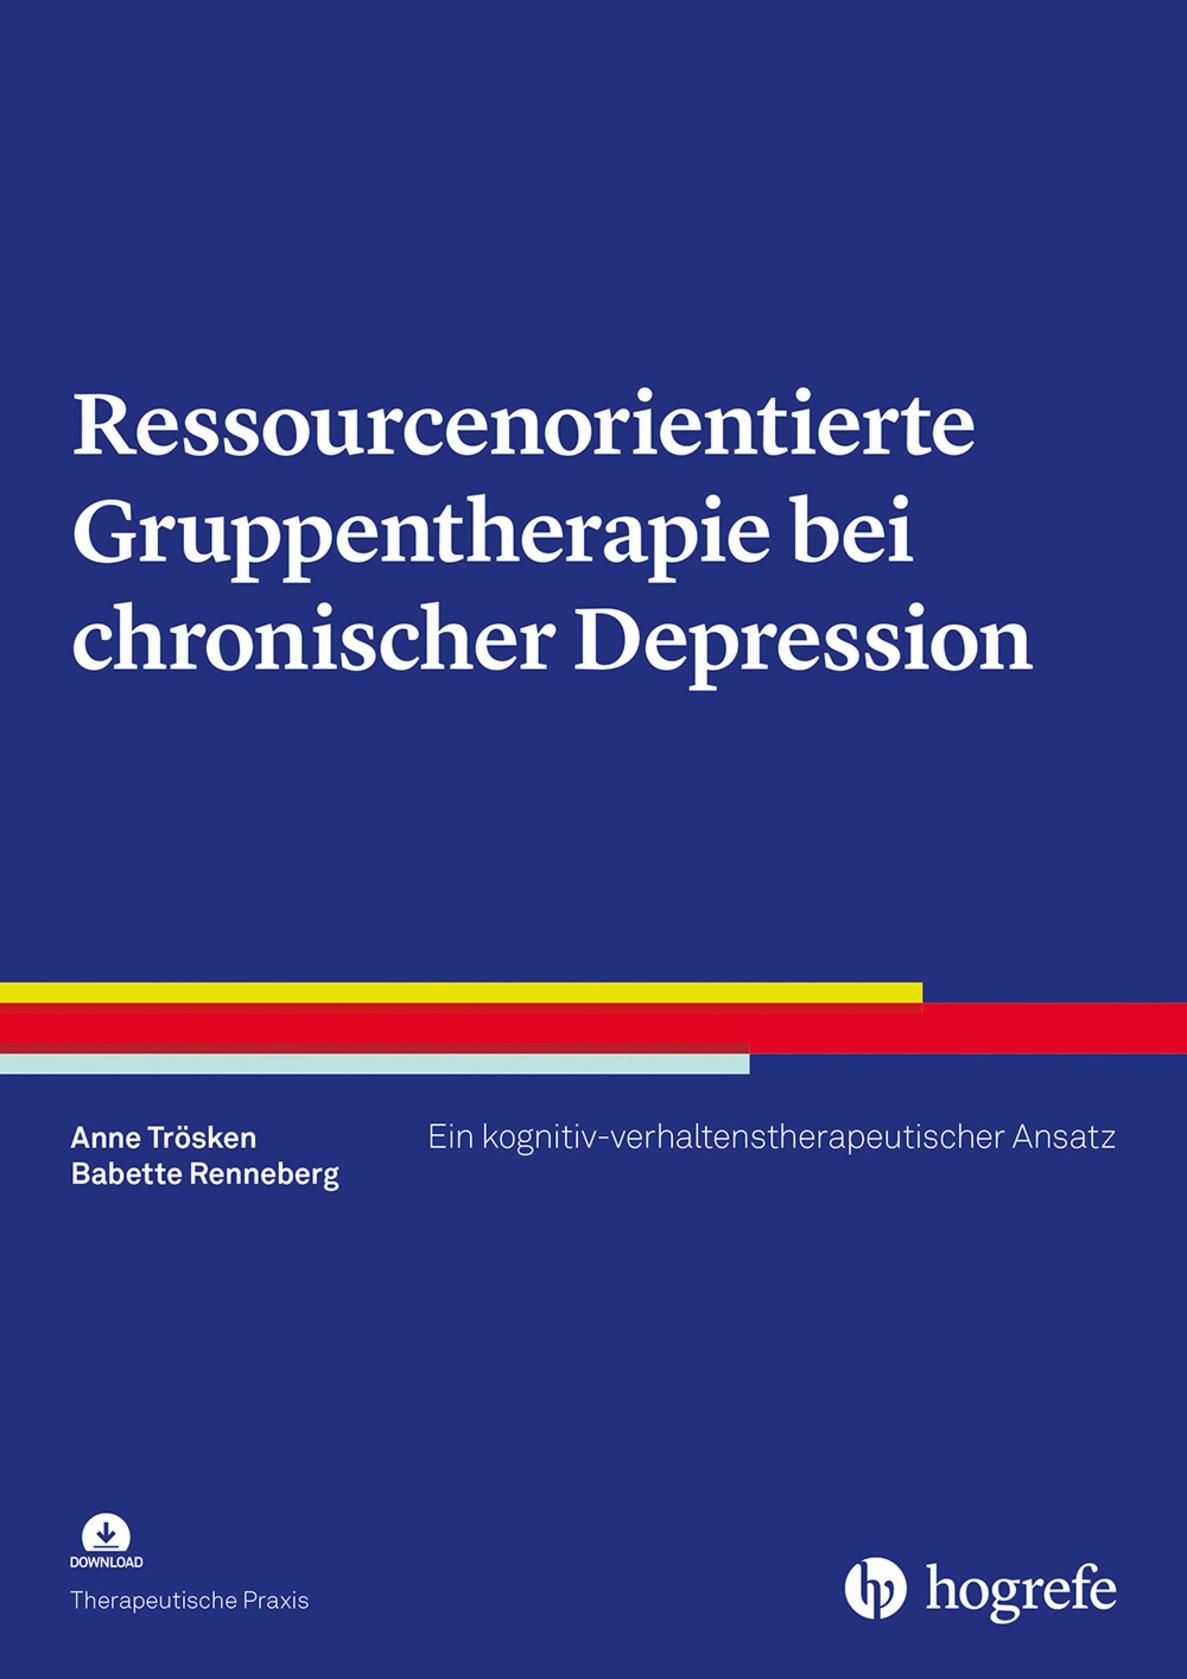 Ressourcenorientierte Gruppentherapie bei chronischer Depression